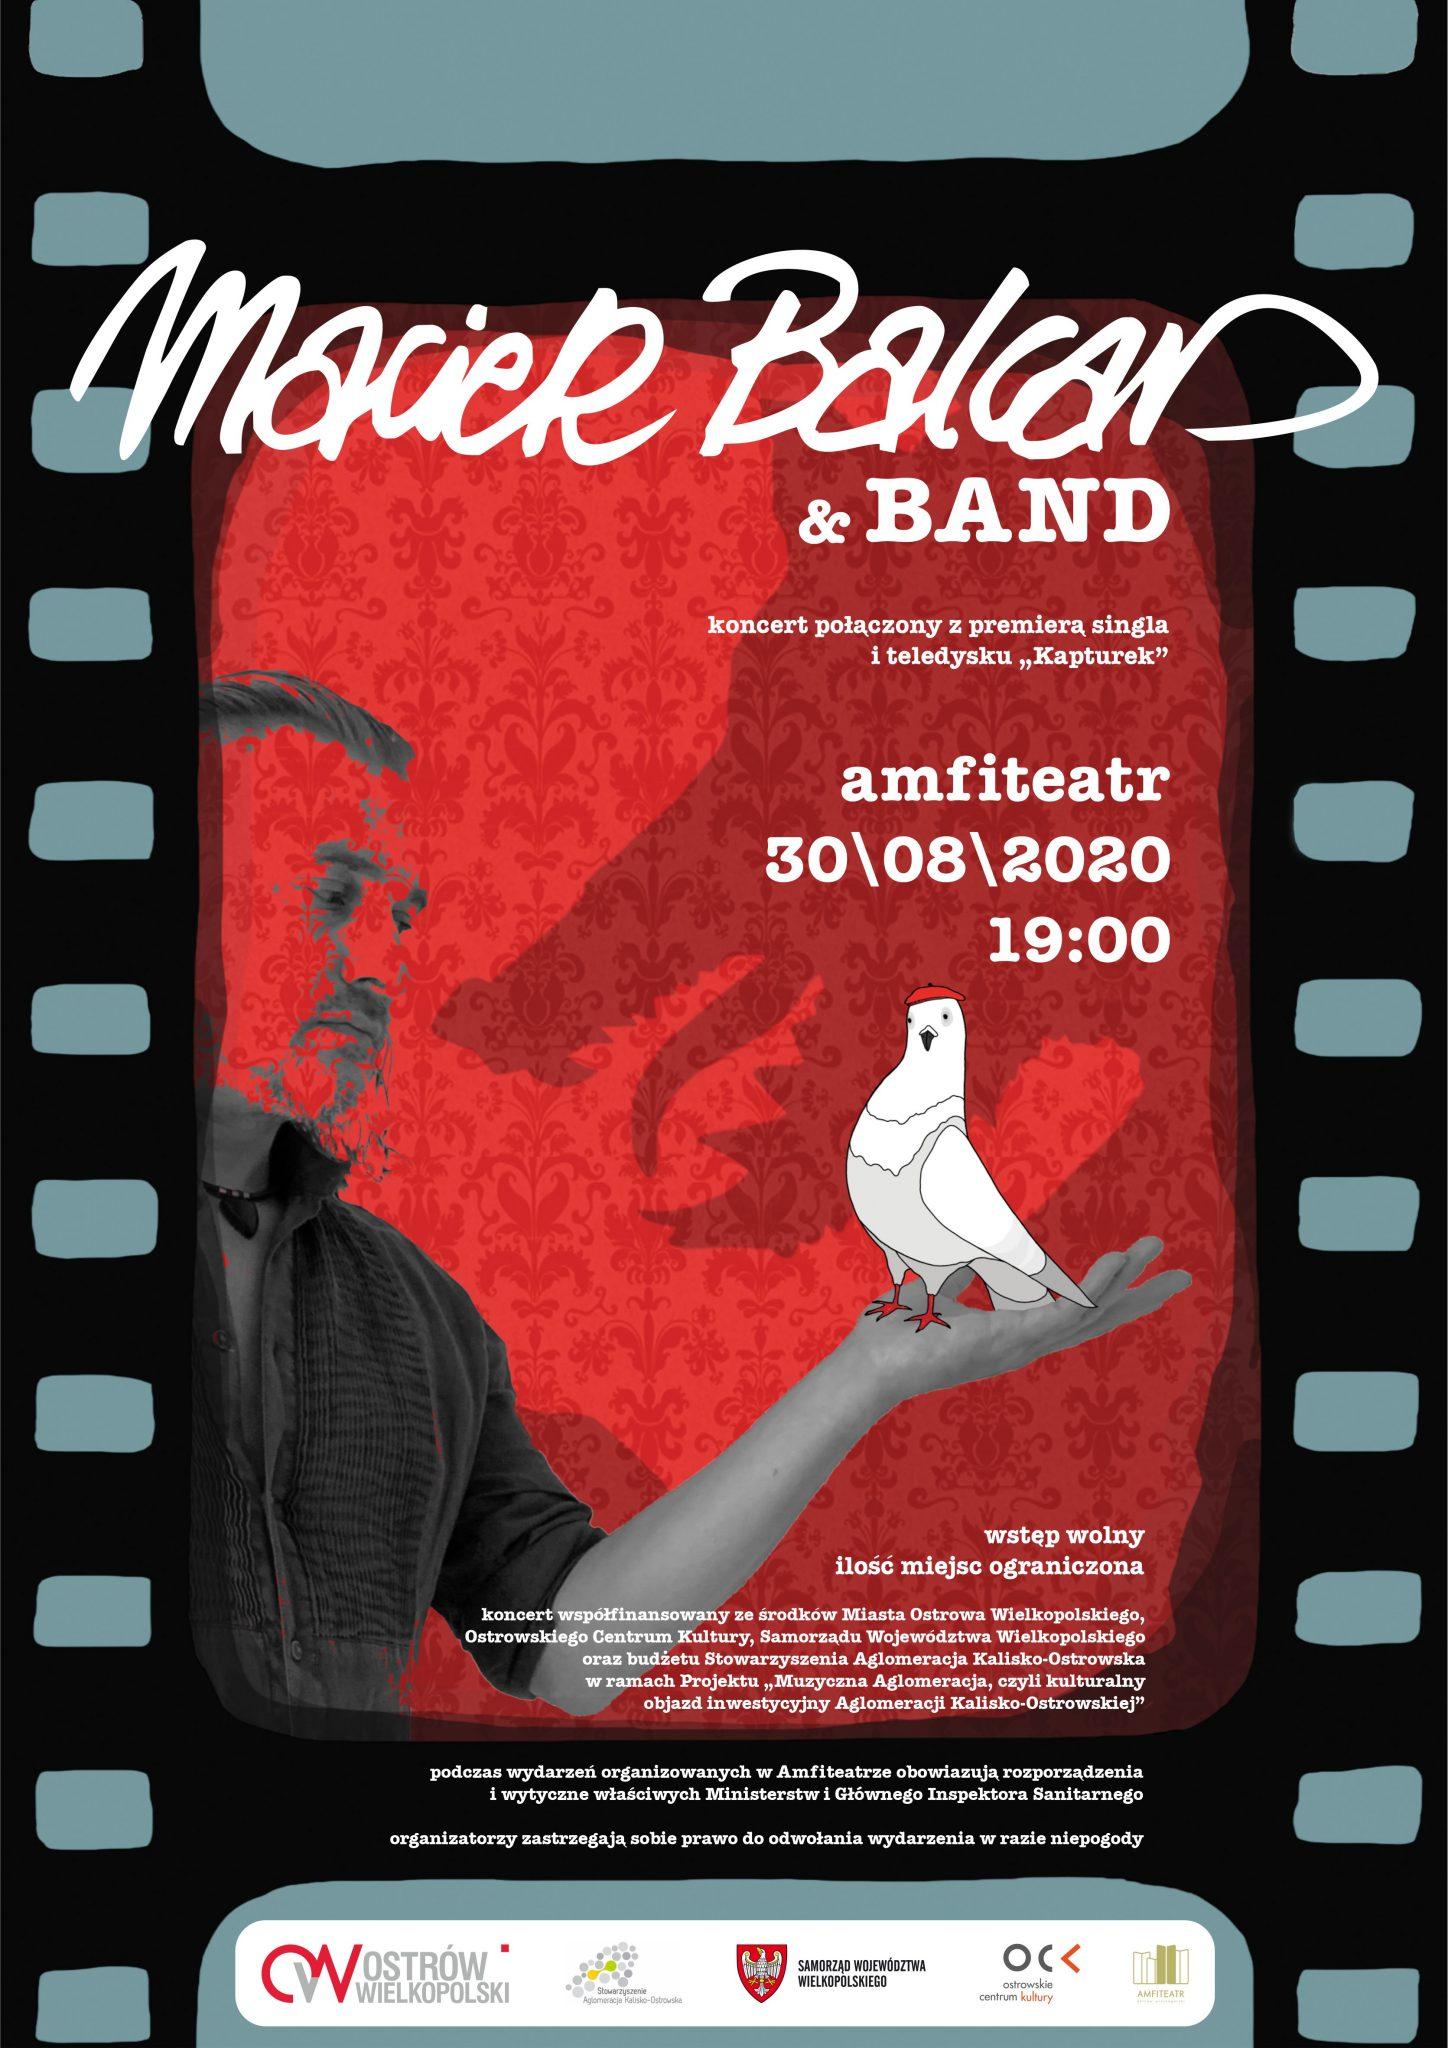 balcar amfiteatr afiszv2 do druku - Zapraszamy na koncert w Ostrowie Wielkopolski - Maciek Balcar & Band